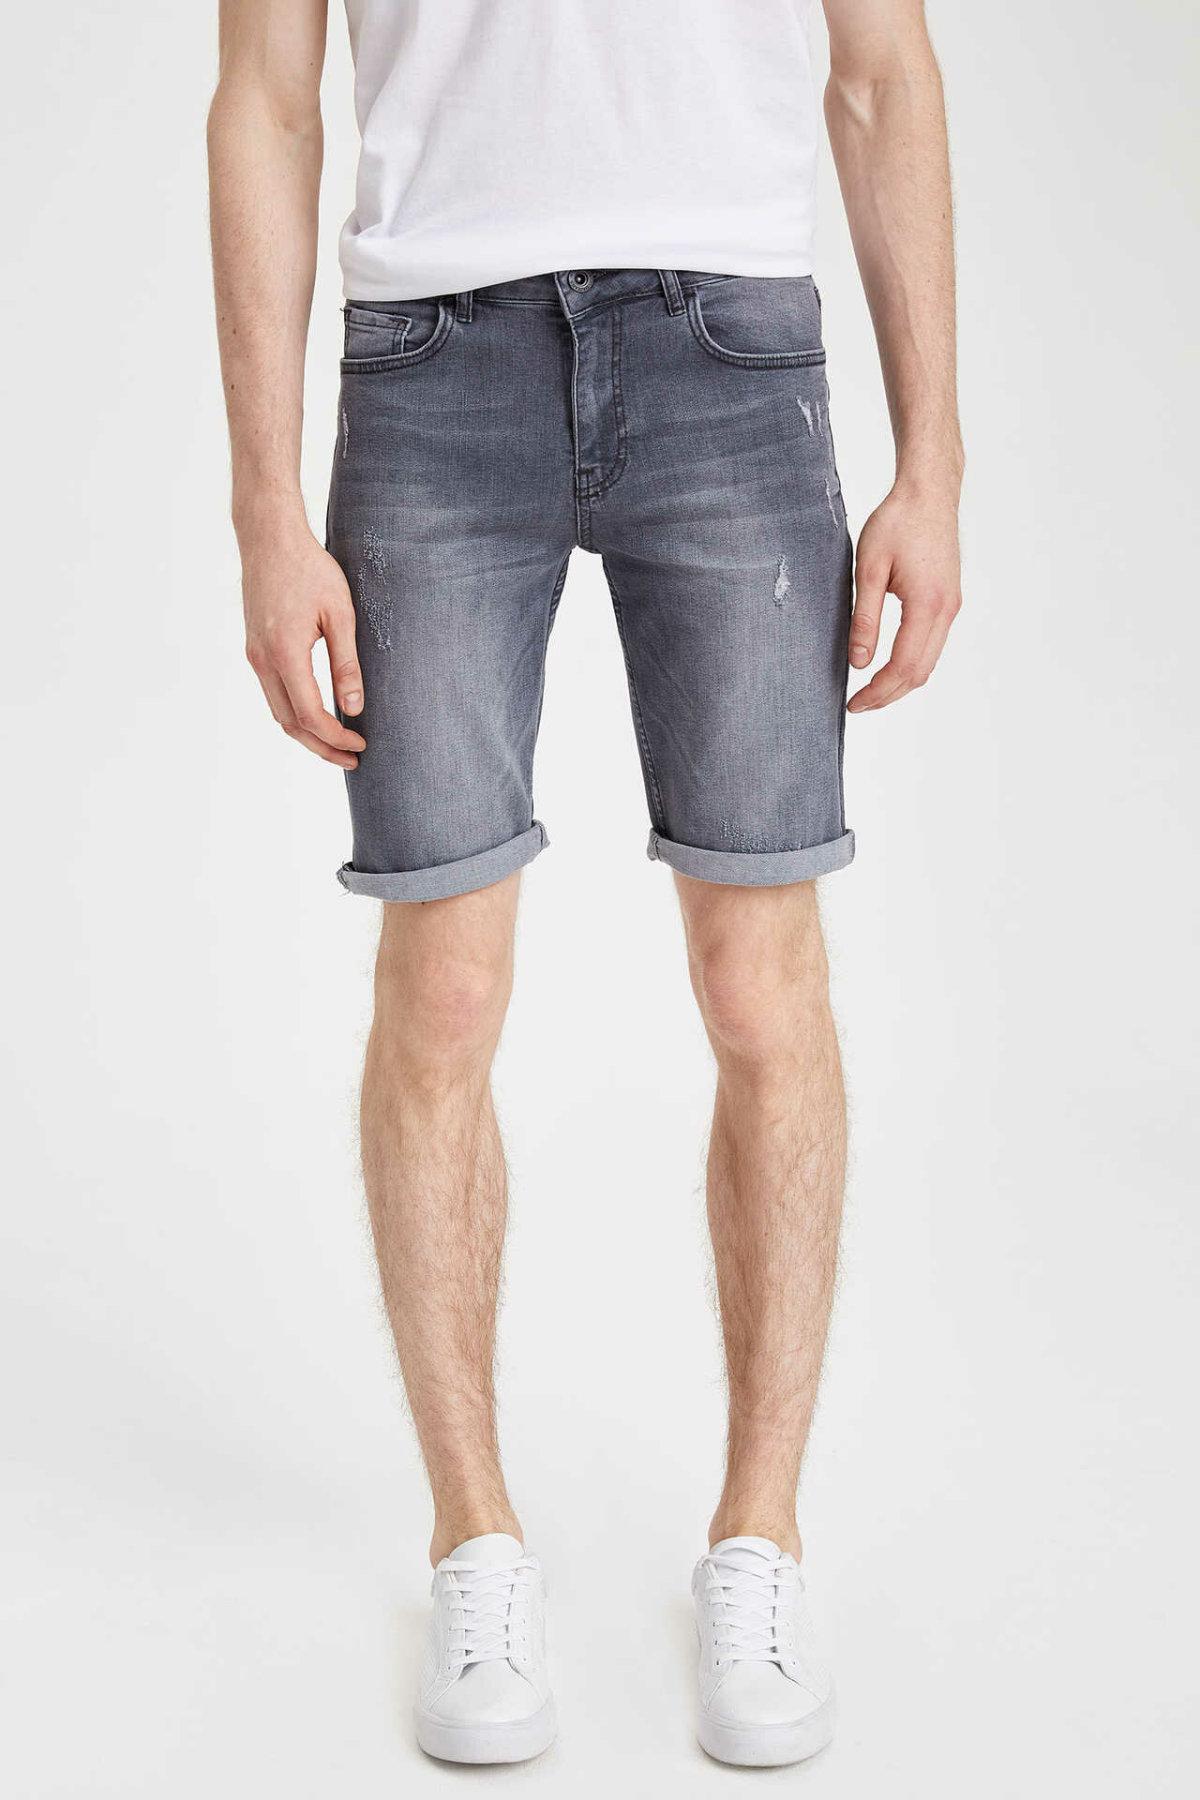 DeFacto Man Summer Casual Denim Shorts Men Ripped Denim Bermuda SHorts Men Grey Denim Shorts Jeans-L3825AZ19SM